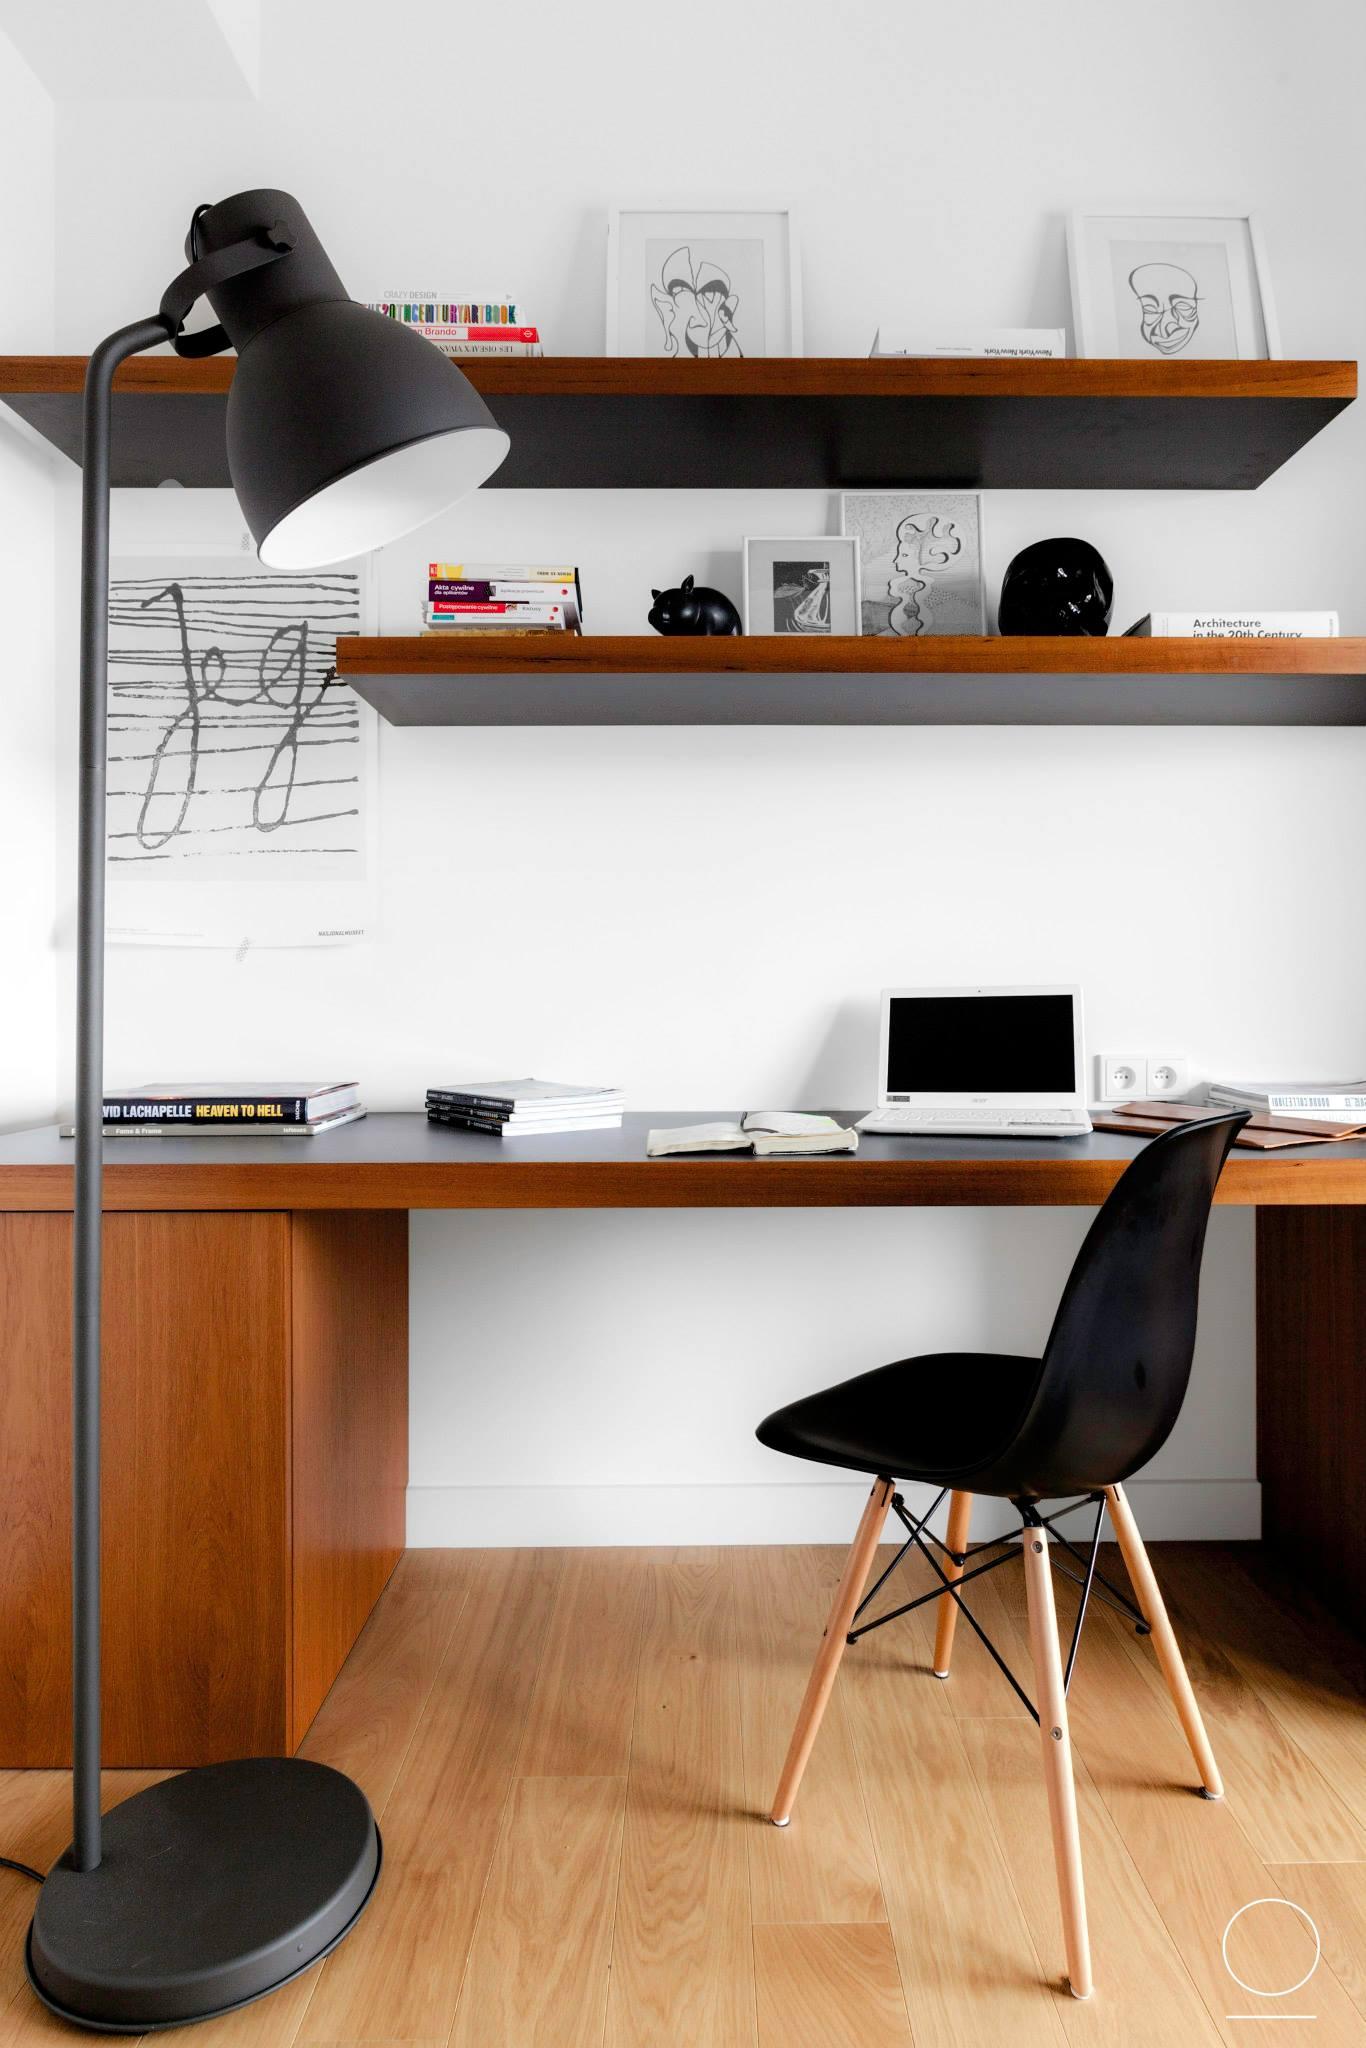 oikoi modern apartment2 Pokorna Apartments by Oikoi Studio